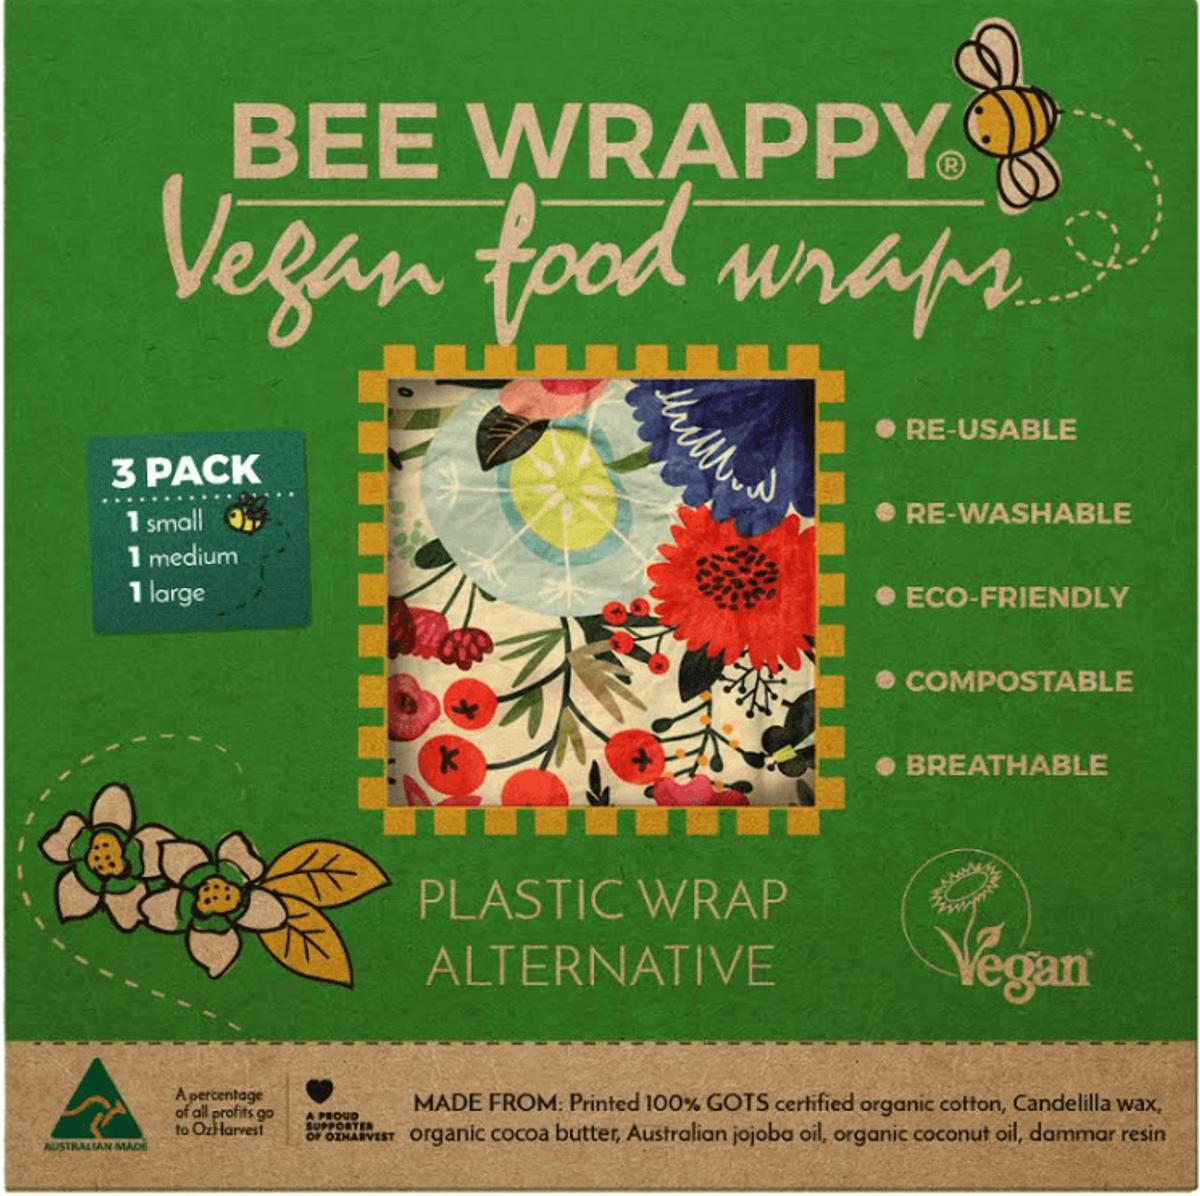 Bee Wrappy veganske voksark, 3 stk (s, m, l)